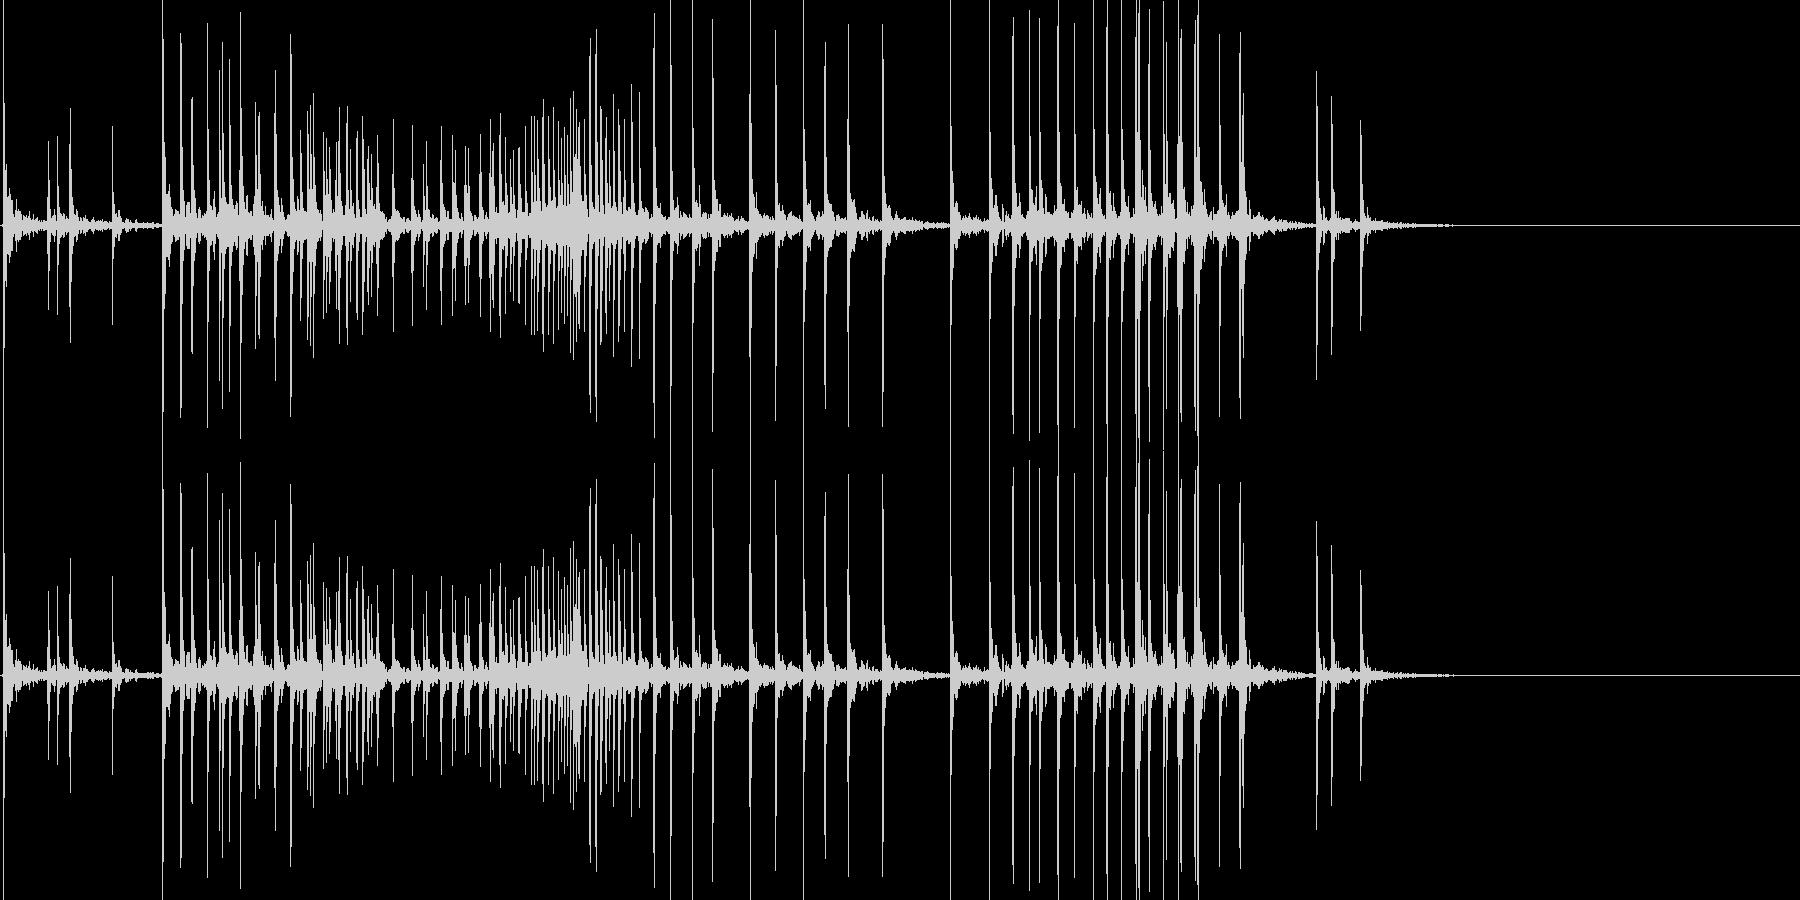 苦しい音01(ギギギギ)の未再生の波形